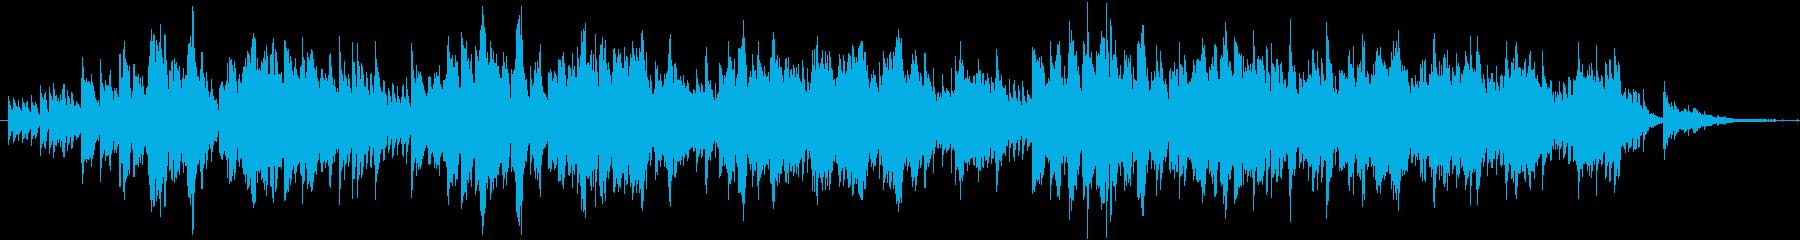 二胡の生演奏によるゆったりした曲の再生済みの波形